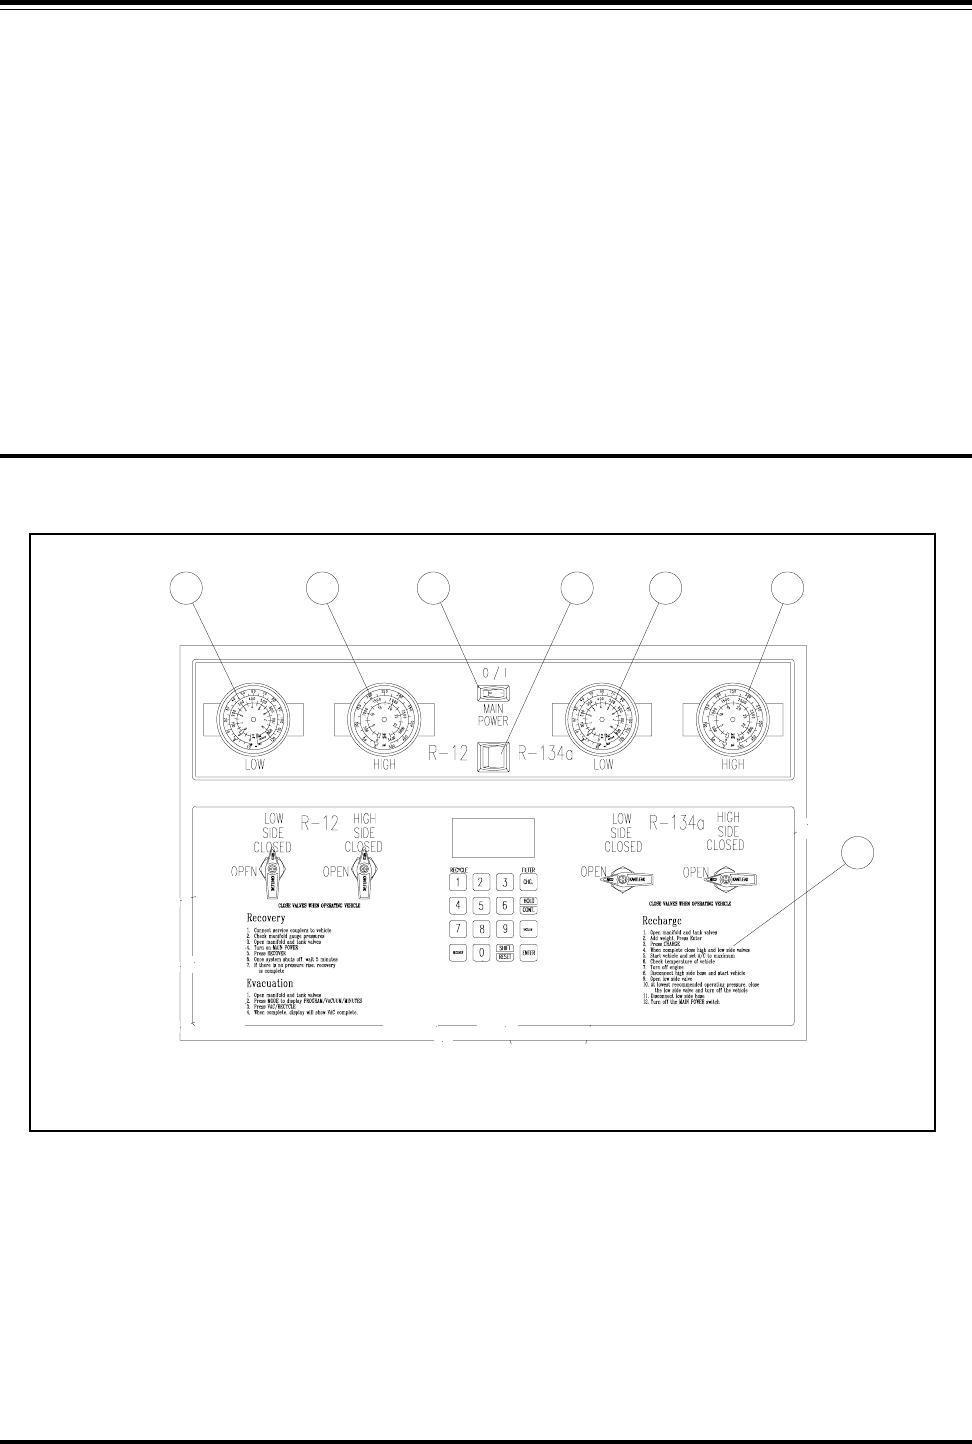 MAC Tools 34800/34801/AC900 Service Manual Download